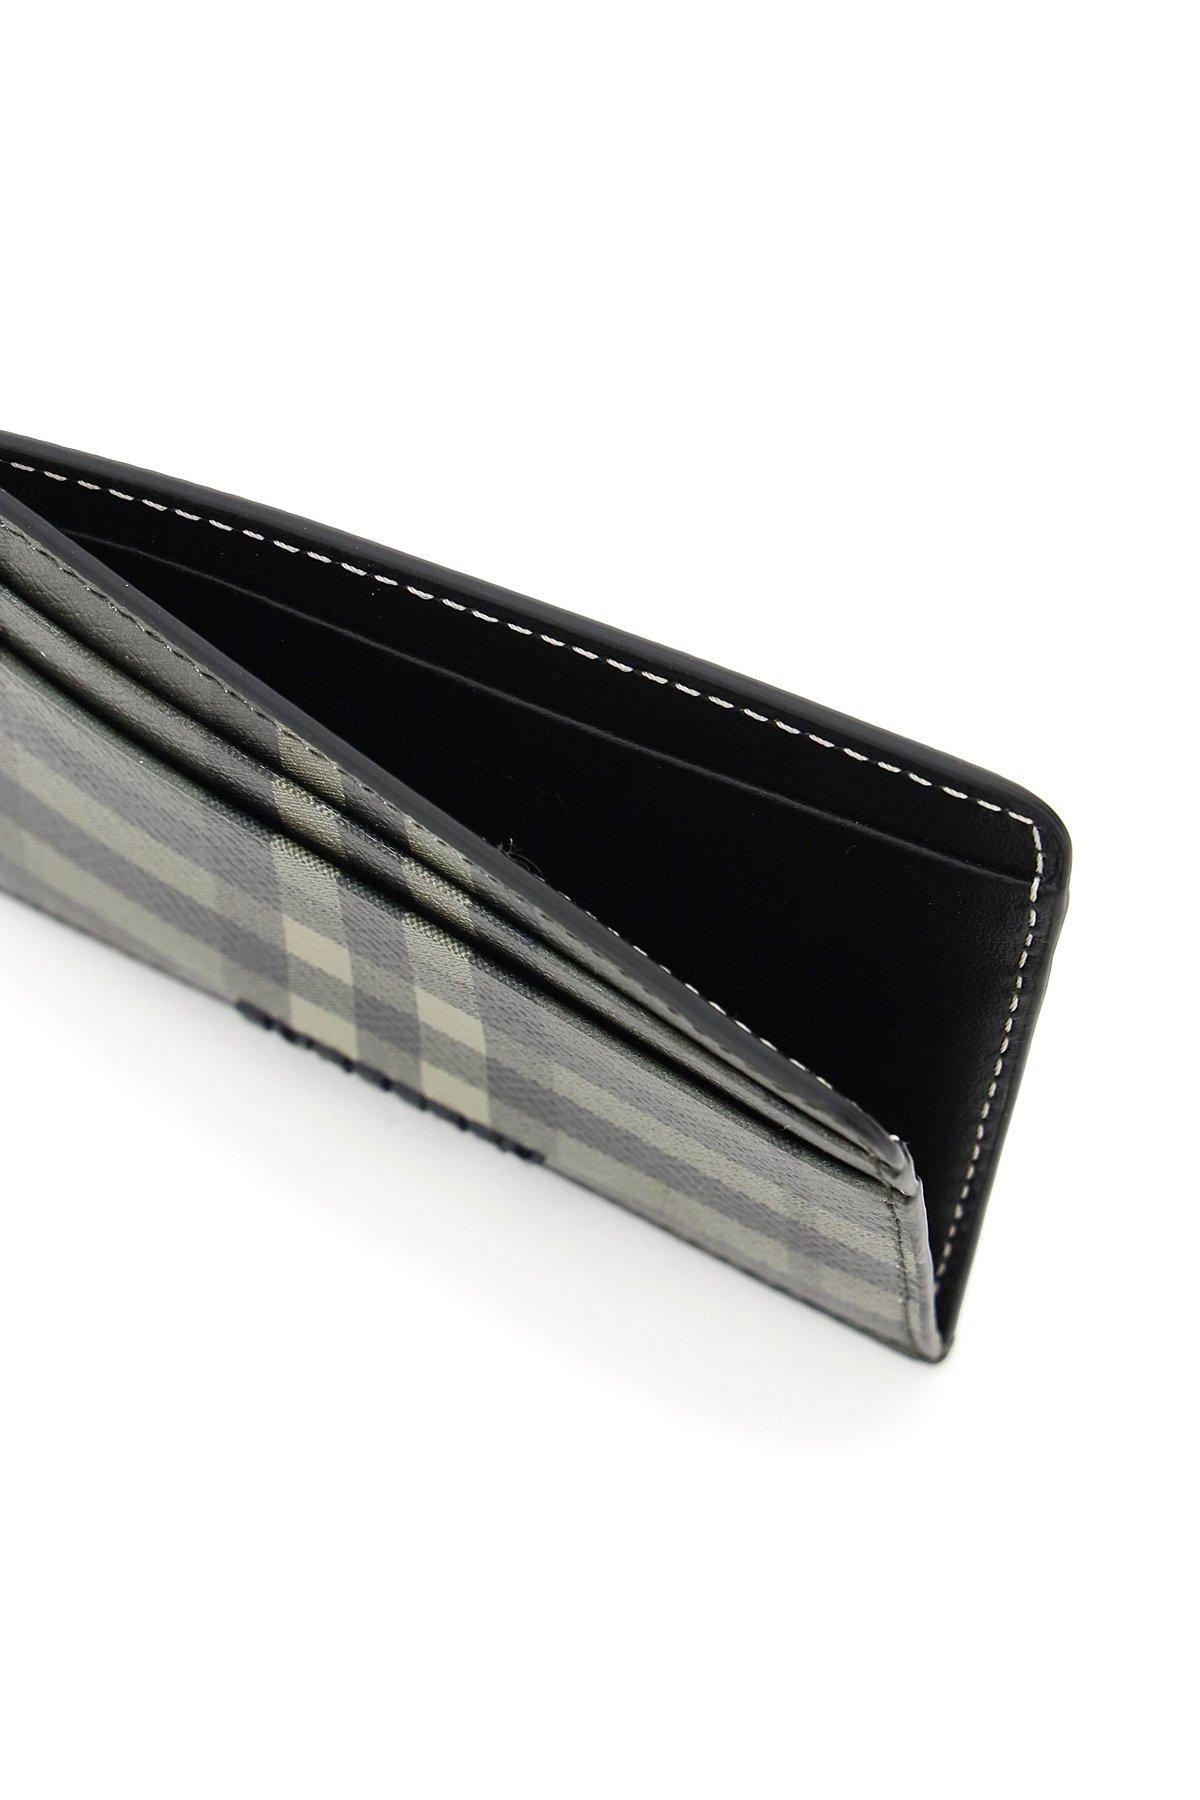 Burberry porta carte di credito in pelle